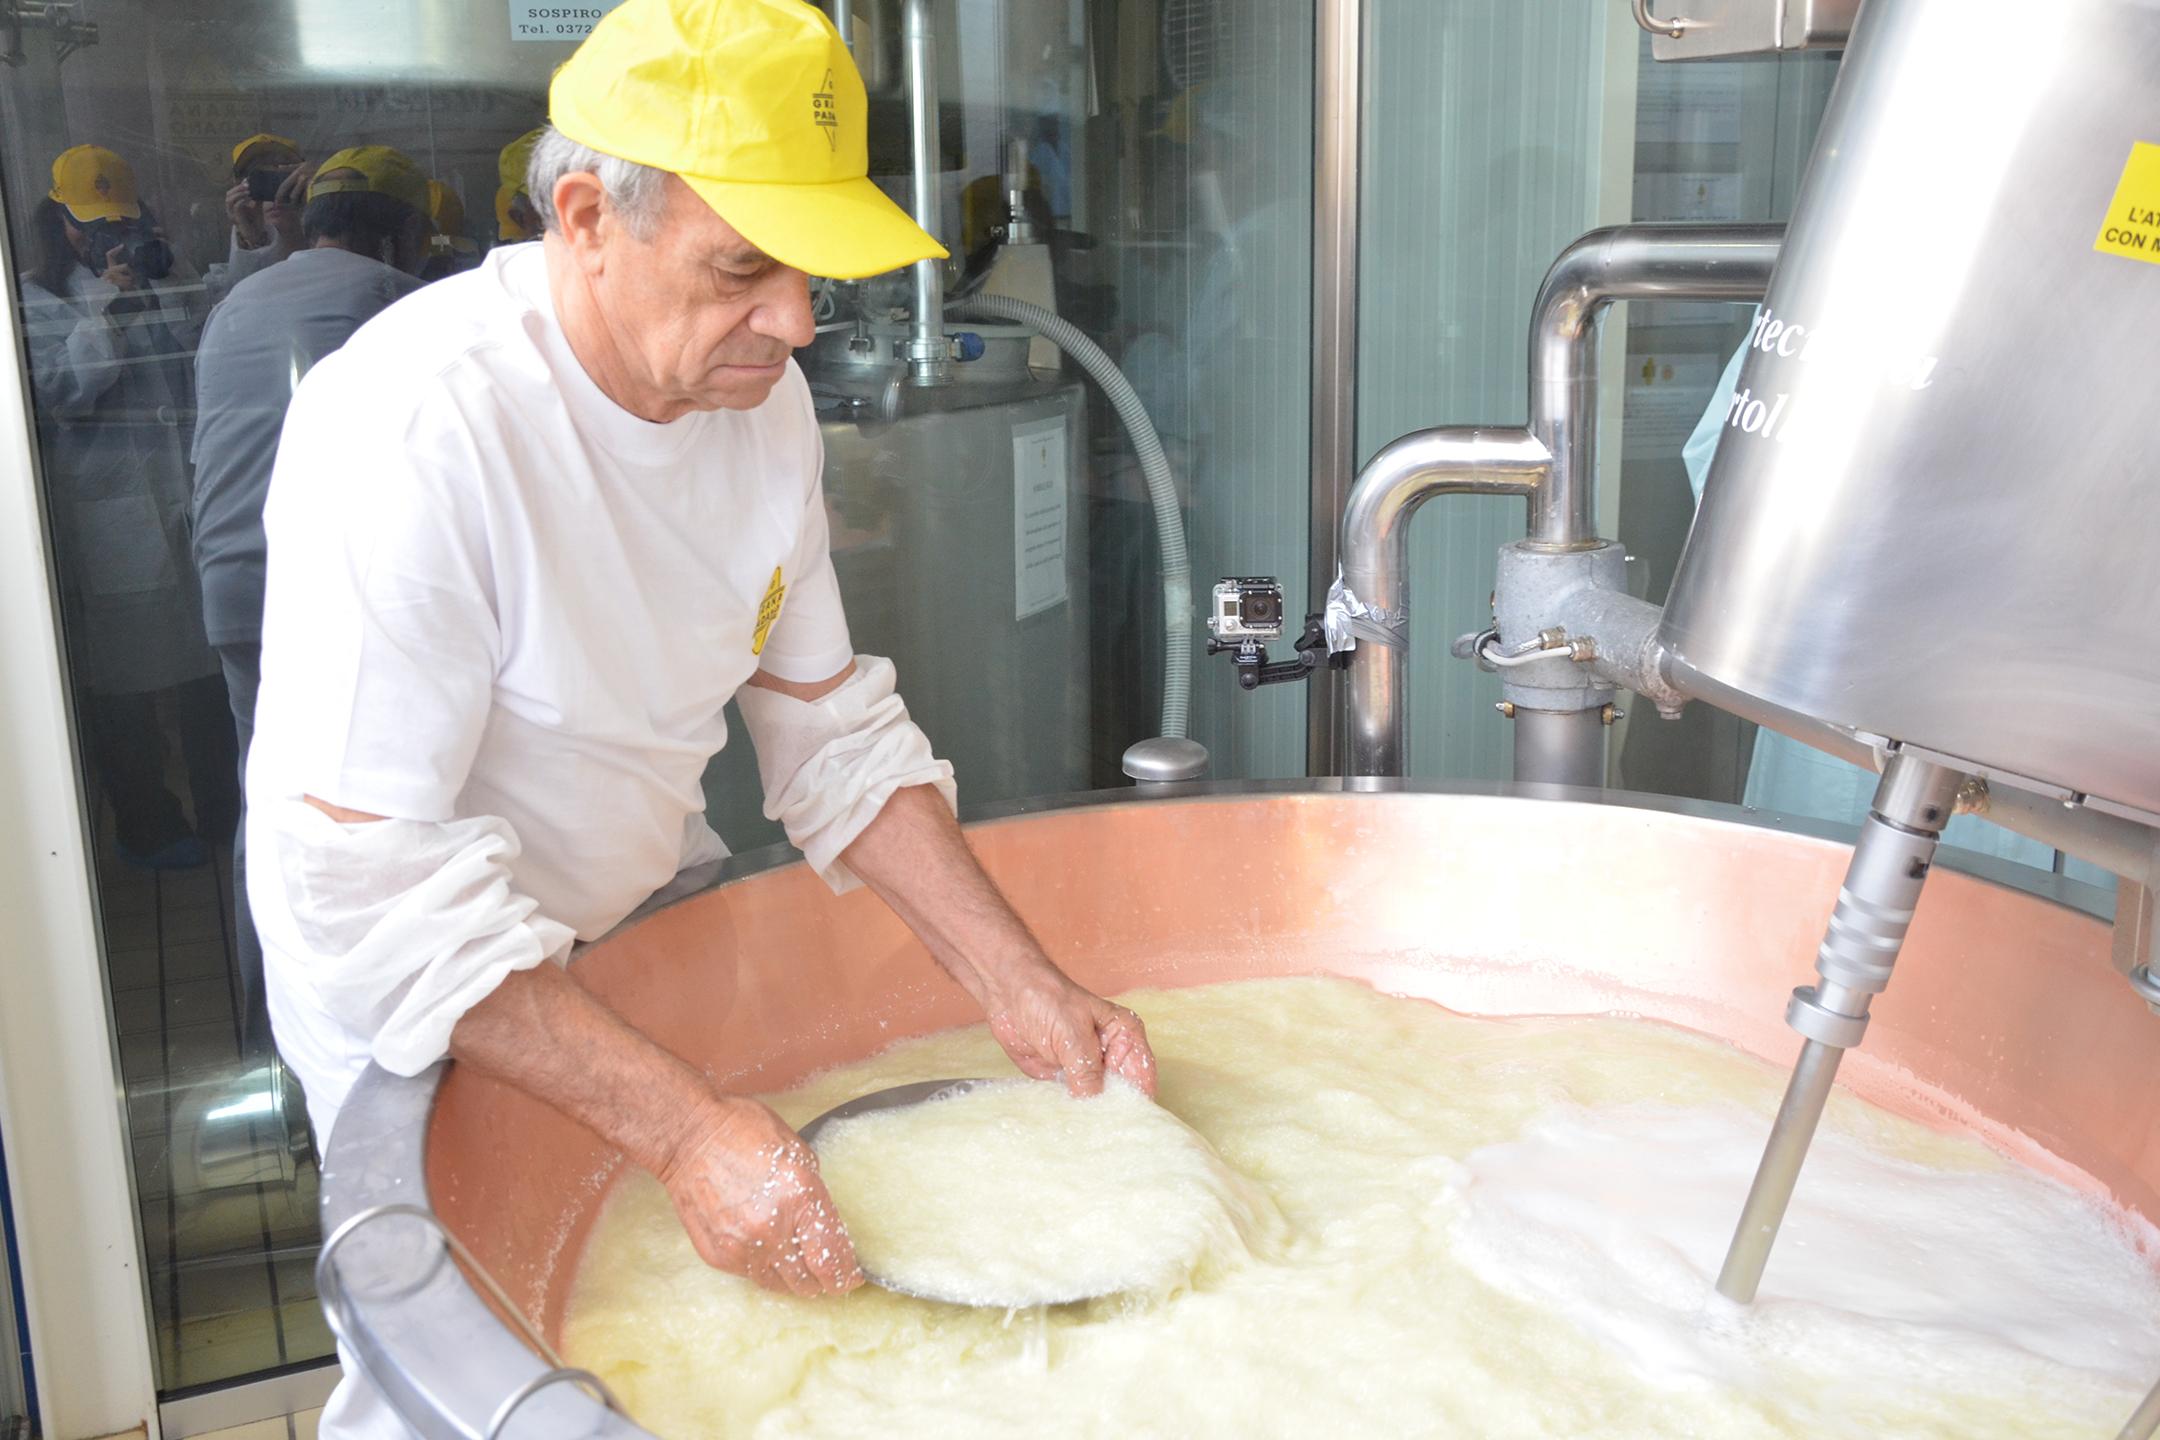 alessia-canella-styleshouts-expo-grana-padano-forme-lavorazione-dop-conservazione-cheese